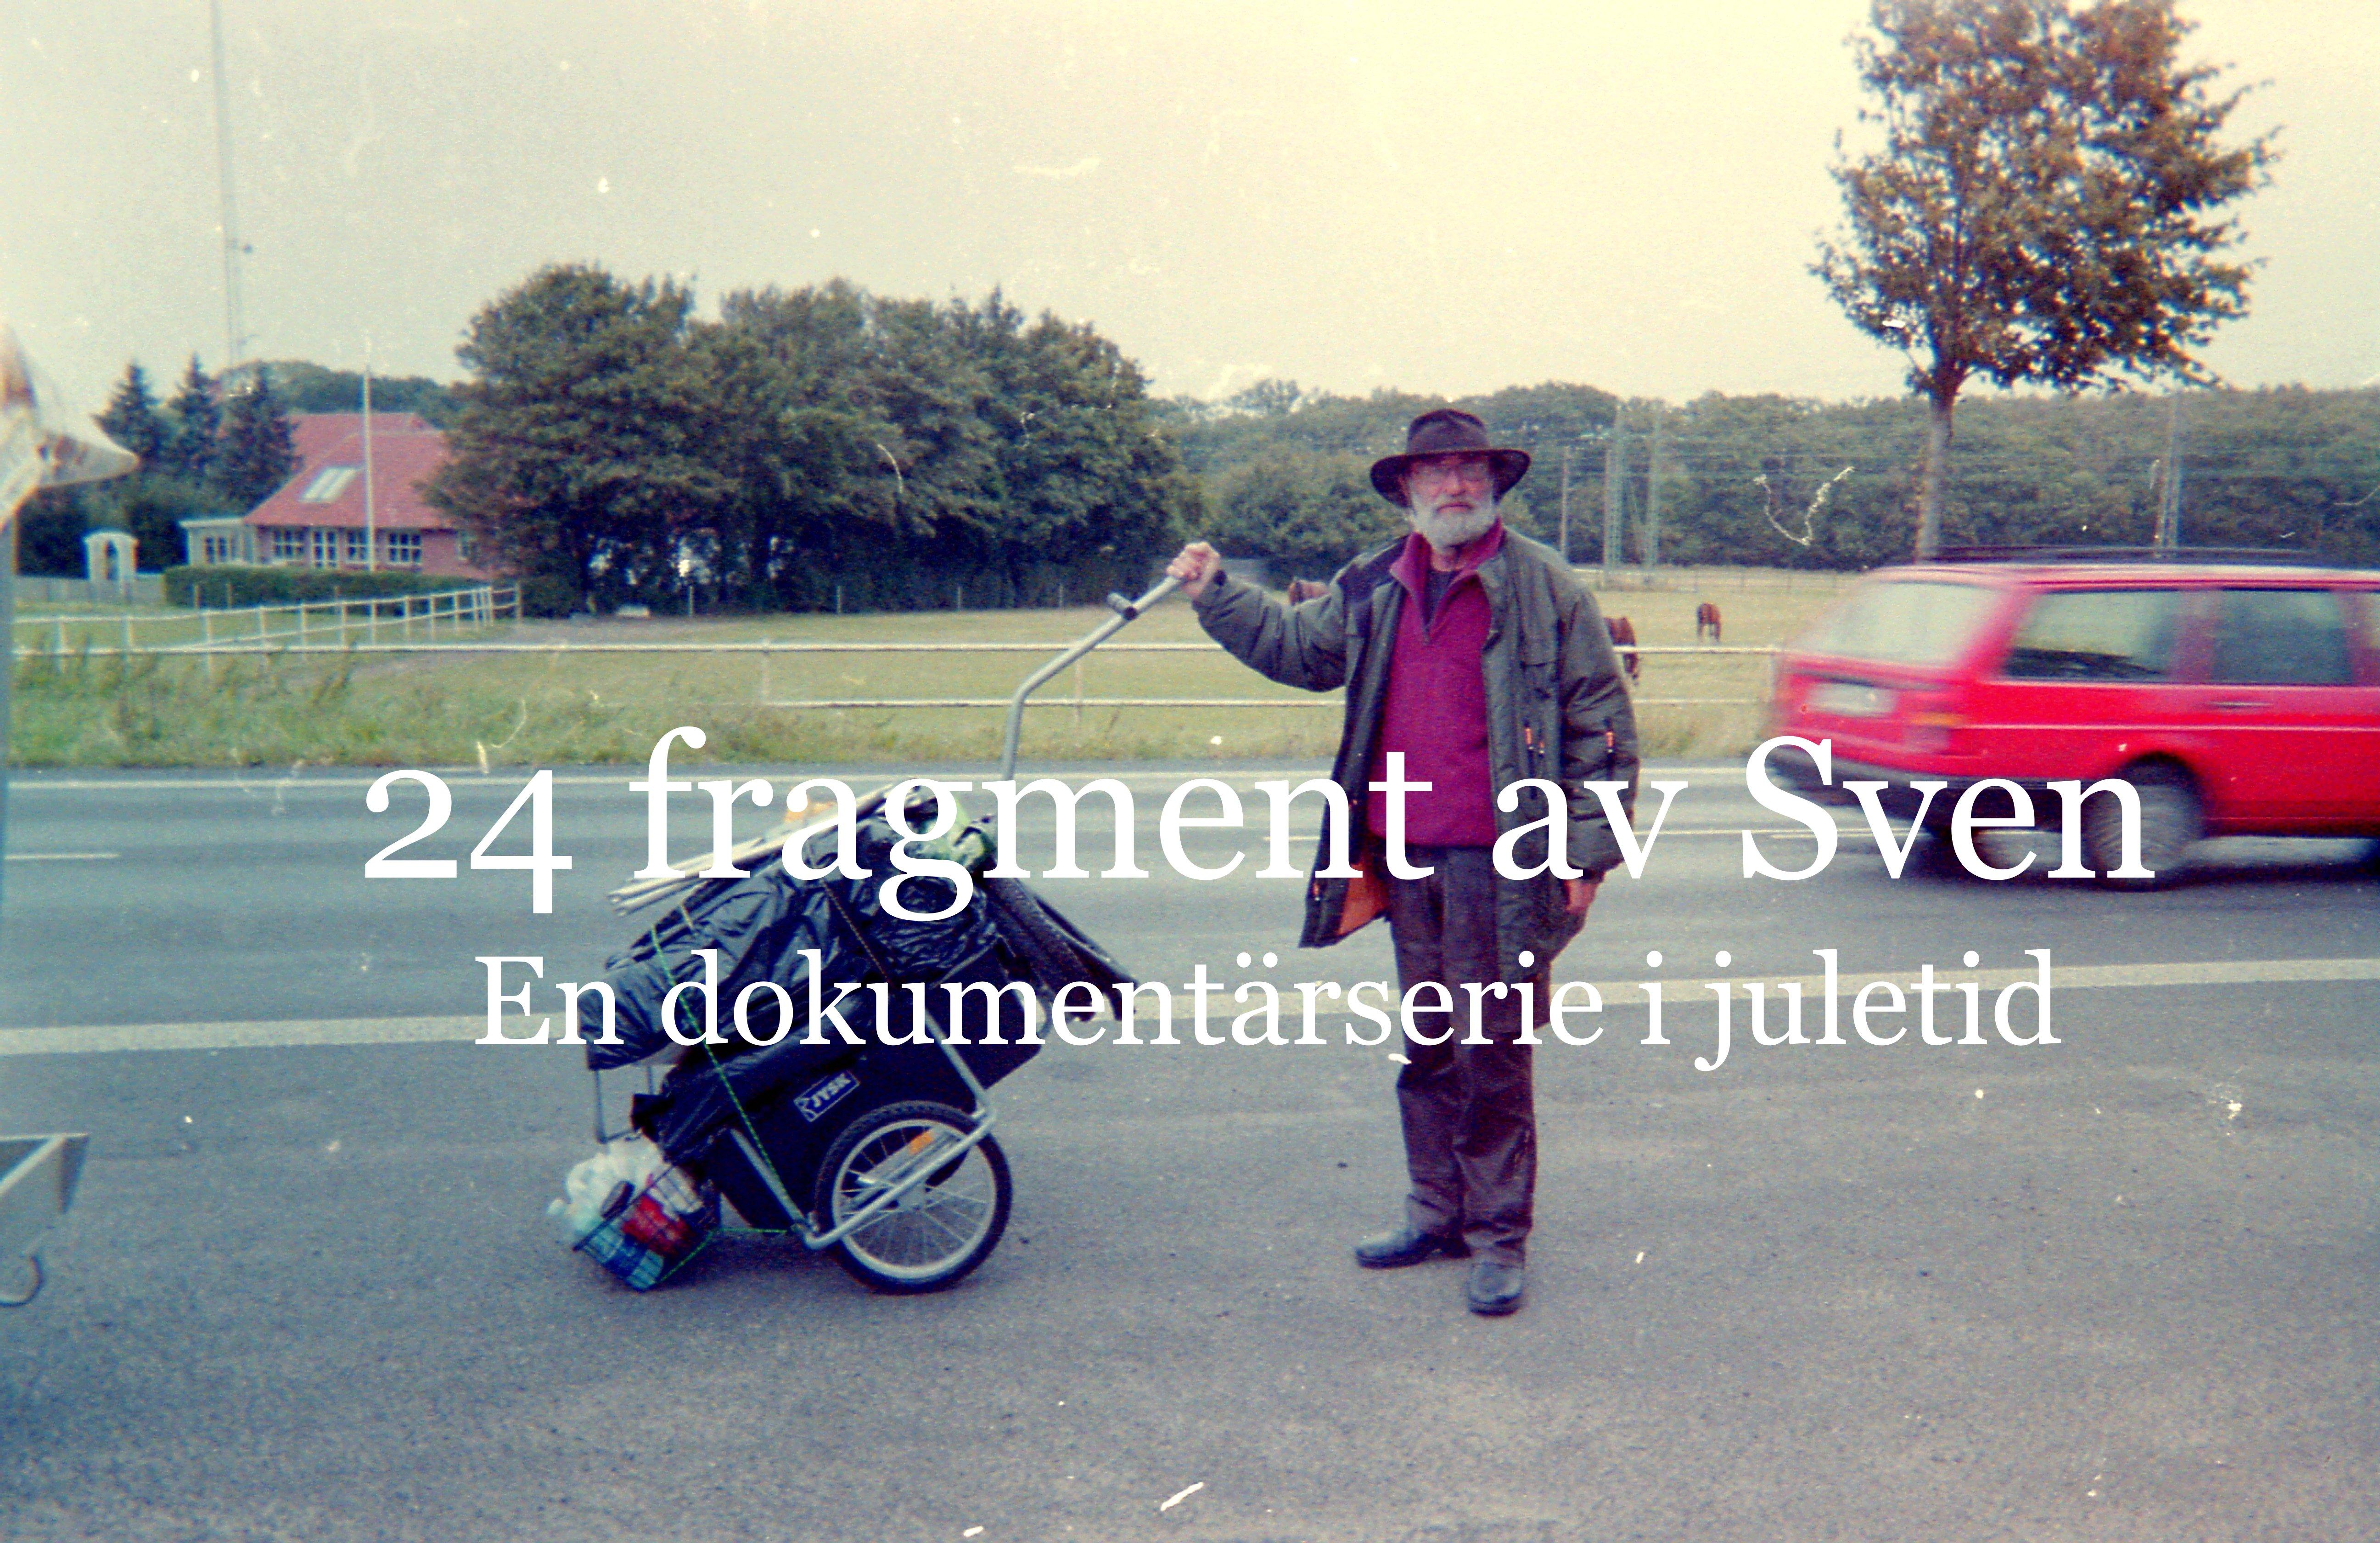 24fragmentavSven_stillbild